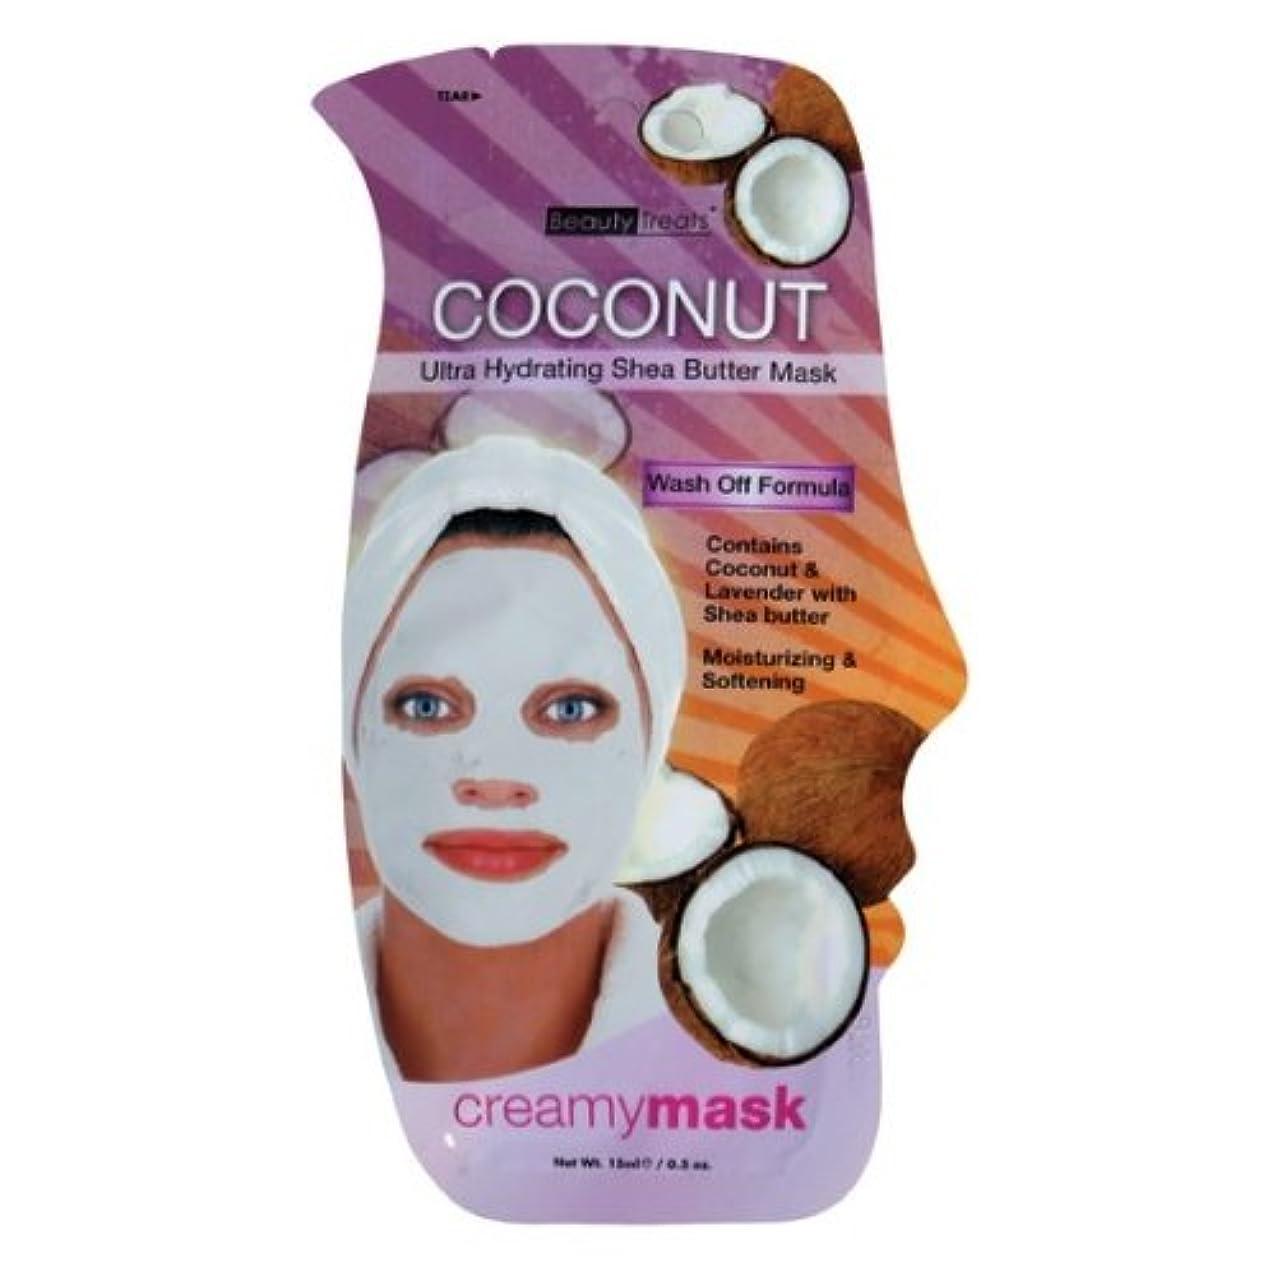 シャイ誇張外側(6 Pack) BEAUTY TREATS Coconut Ultra Hydrating Shea Butter Mask - Coconut (並行輸入品)